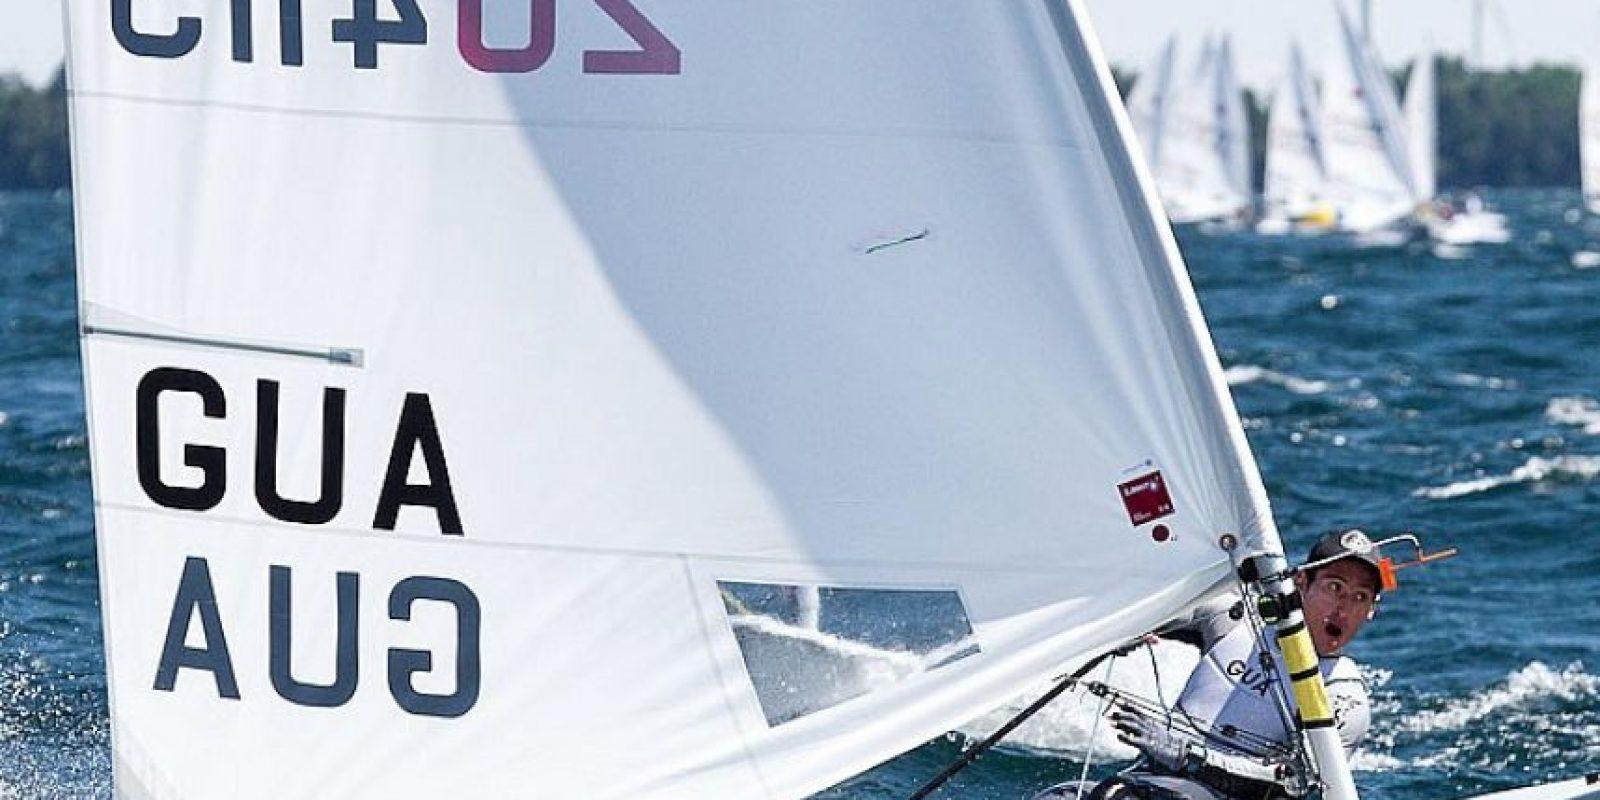 El velerista guatemalteco iniciará la competencia en Francia este martes. Foto:Publinews